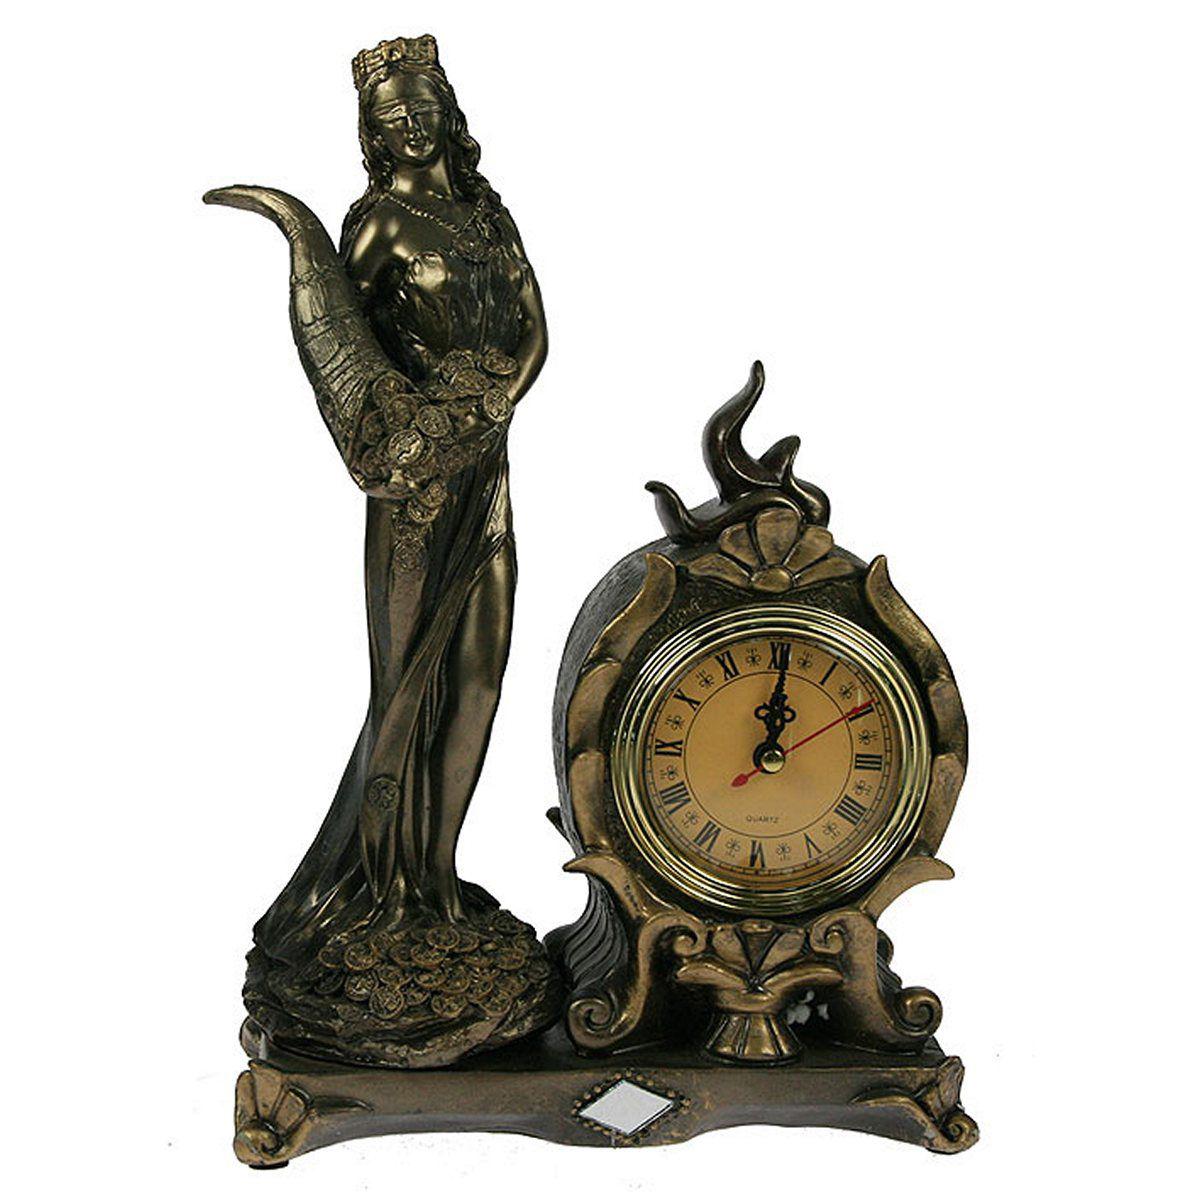 Часы настольные Русские Подарки Римская богиня счастья и удачи - Фортуна, 20 х 10 х 30 см. 5934759347